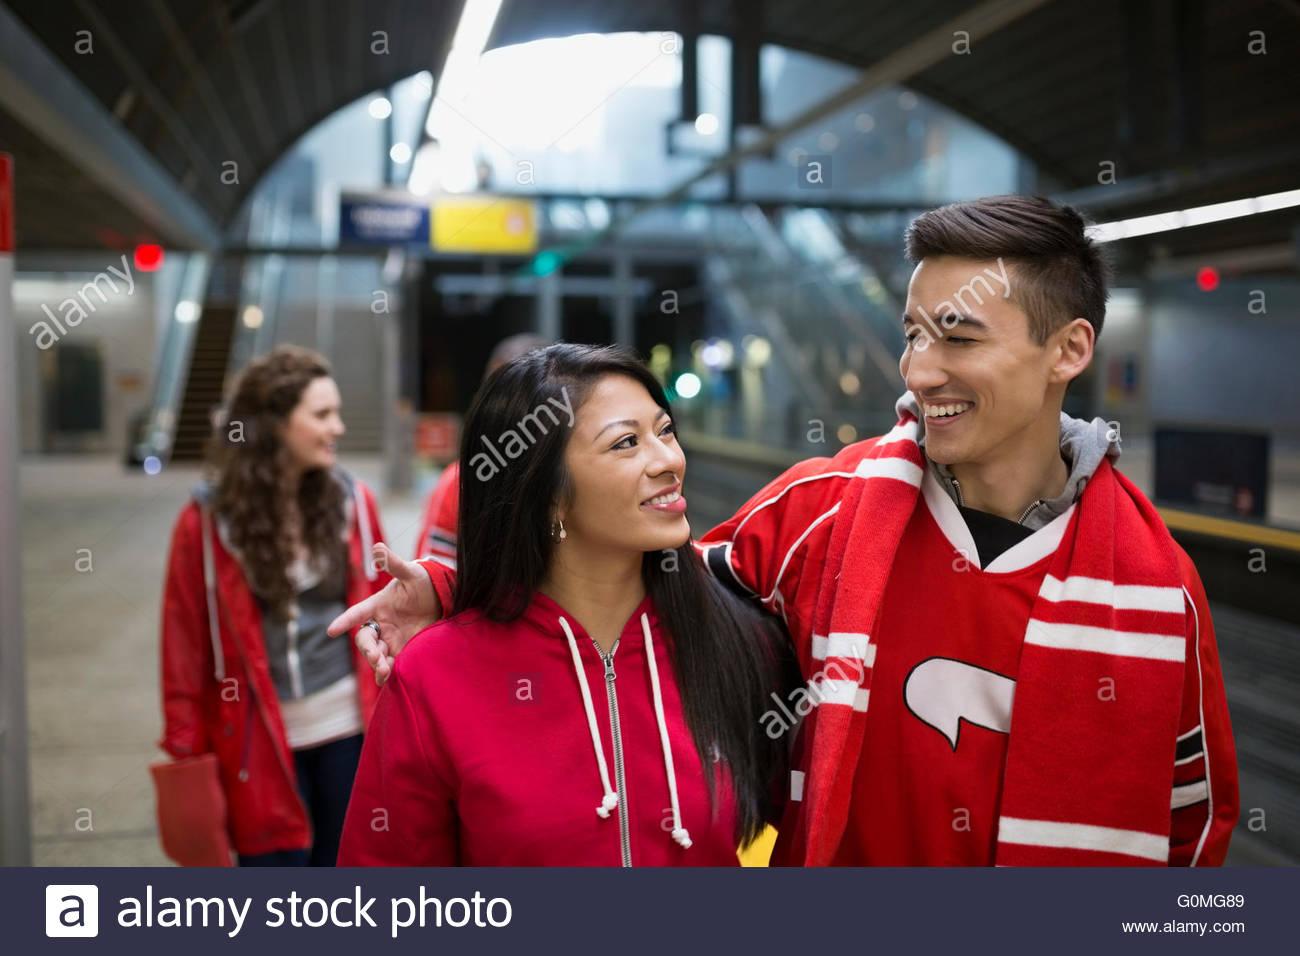 Los fanáticos de los deportes par rojo abrazando a estación de metro plataforma Imagen De Stock